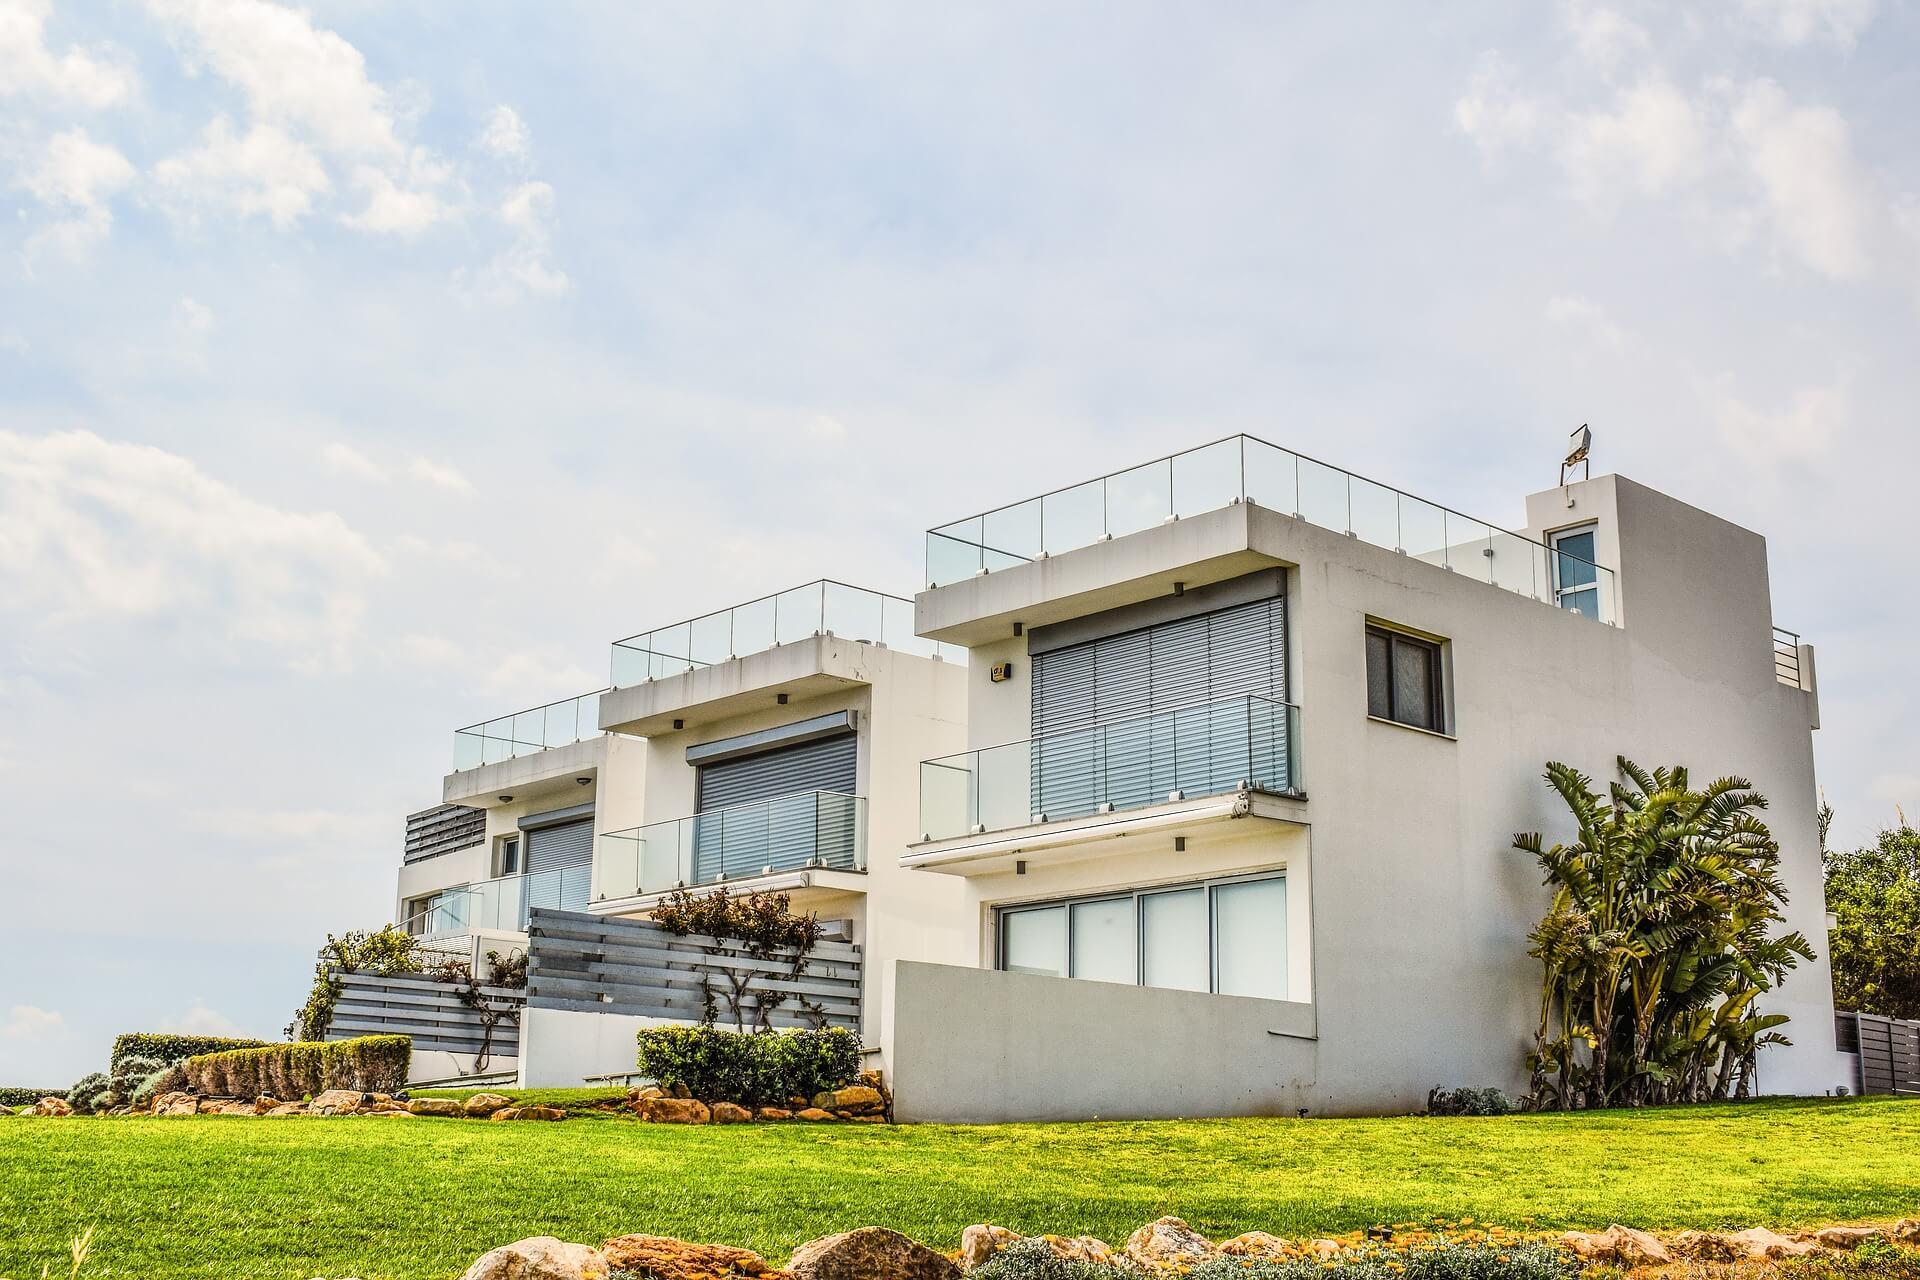 Immobilien als Kapitalanlage: Kredite können langfristig sparen helfen